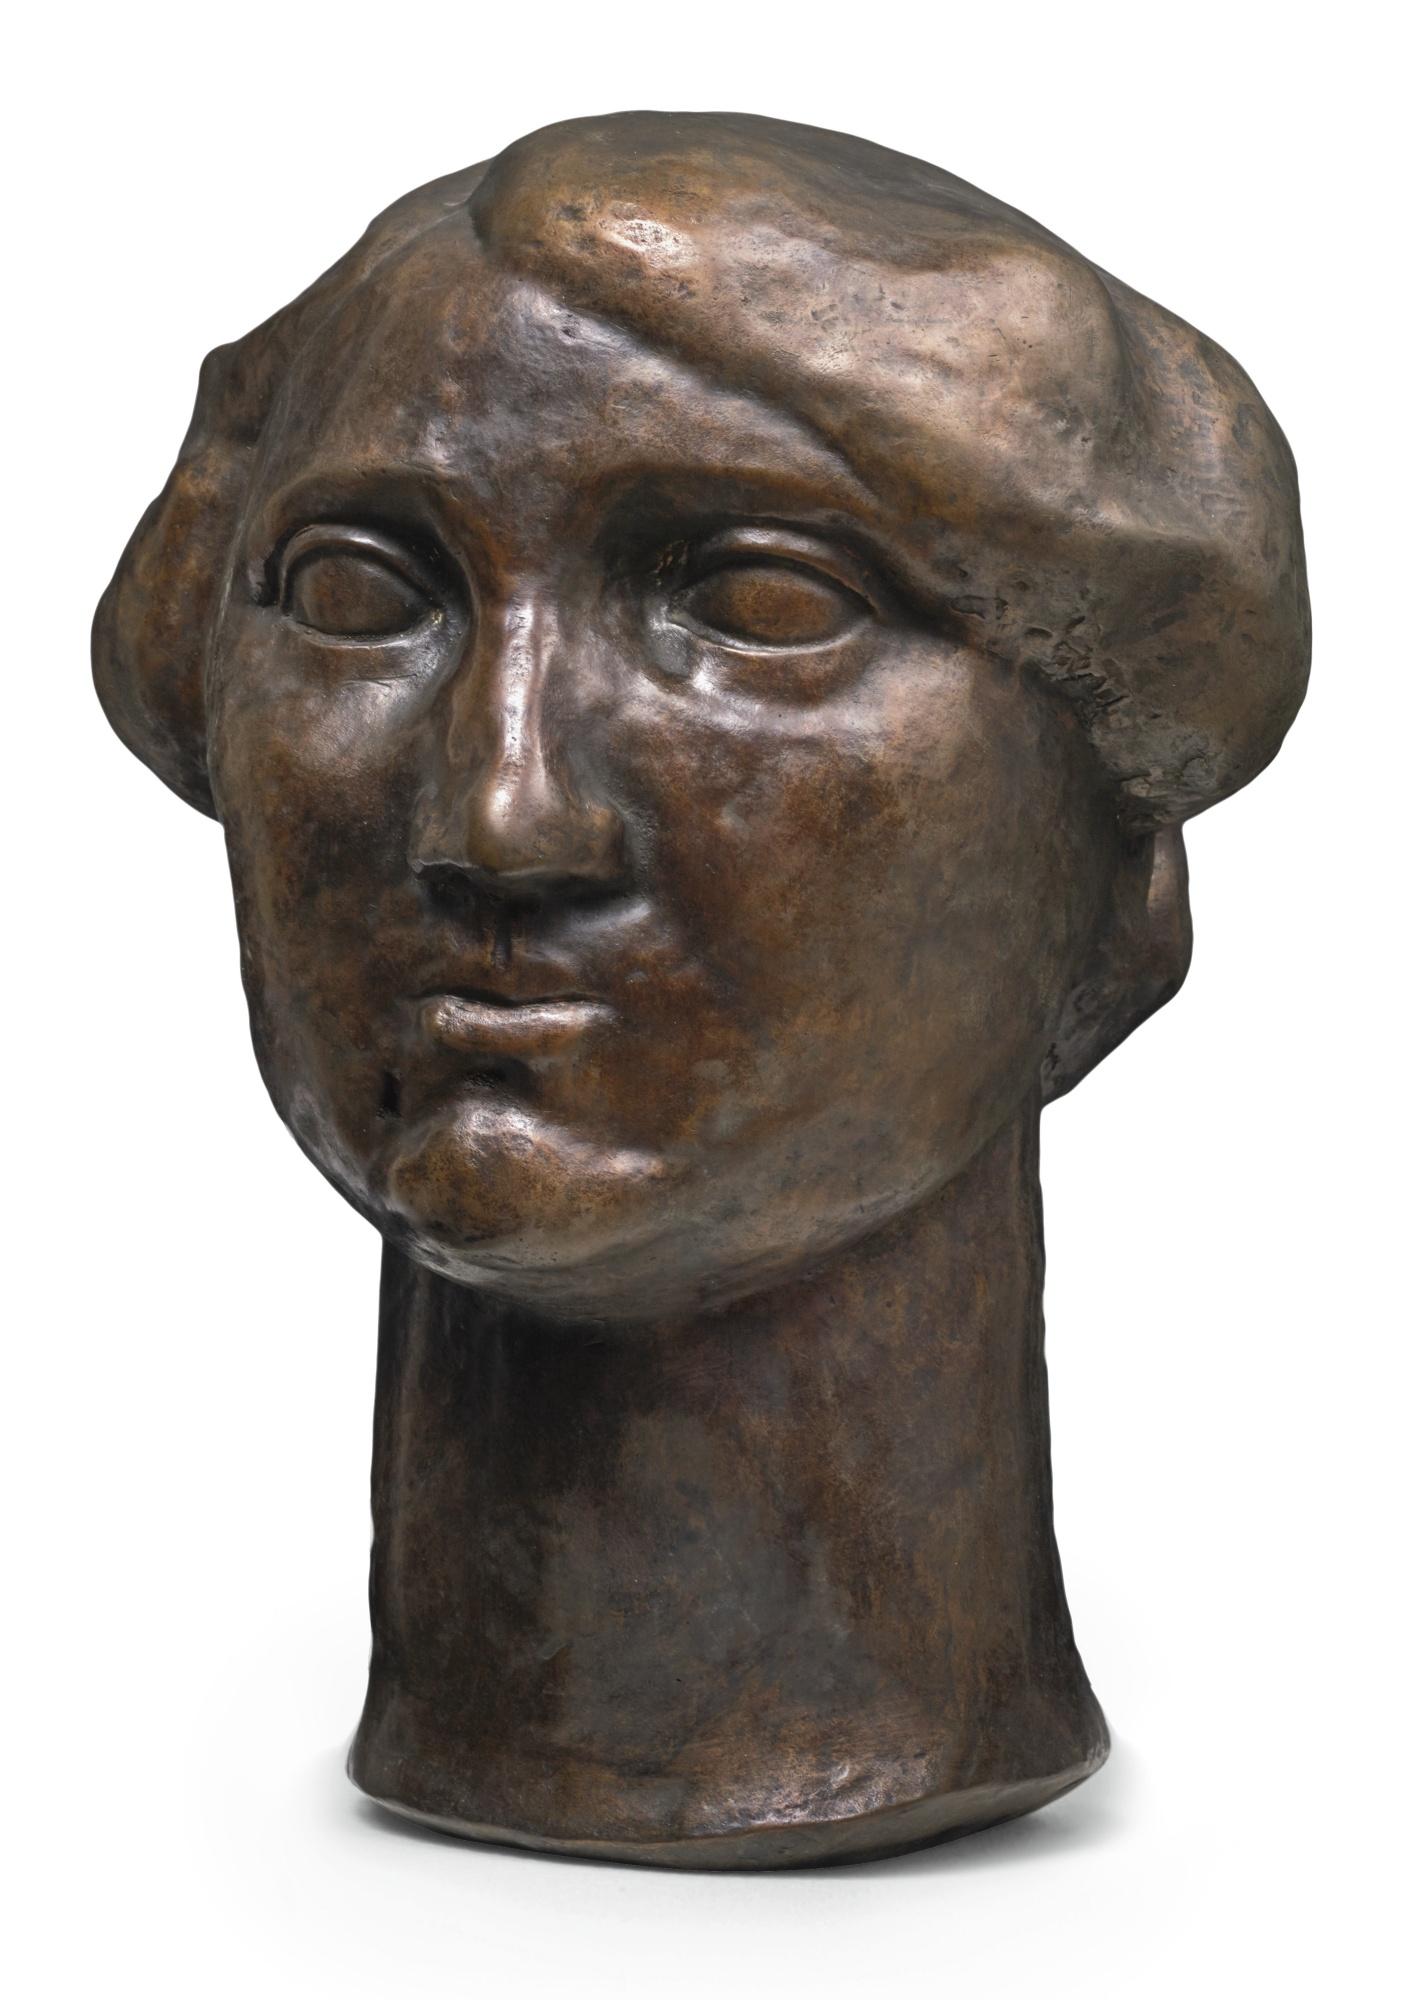 Henri Gaudier-Brzeska-Mademoiselle (Marie) Borne-1914